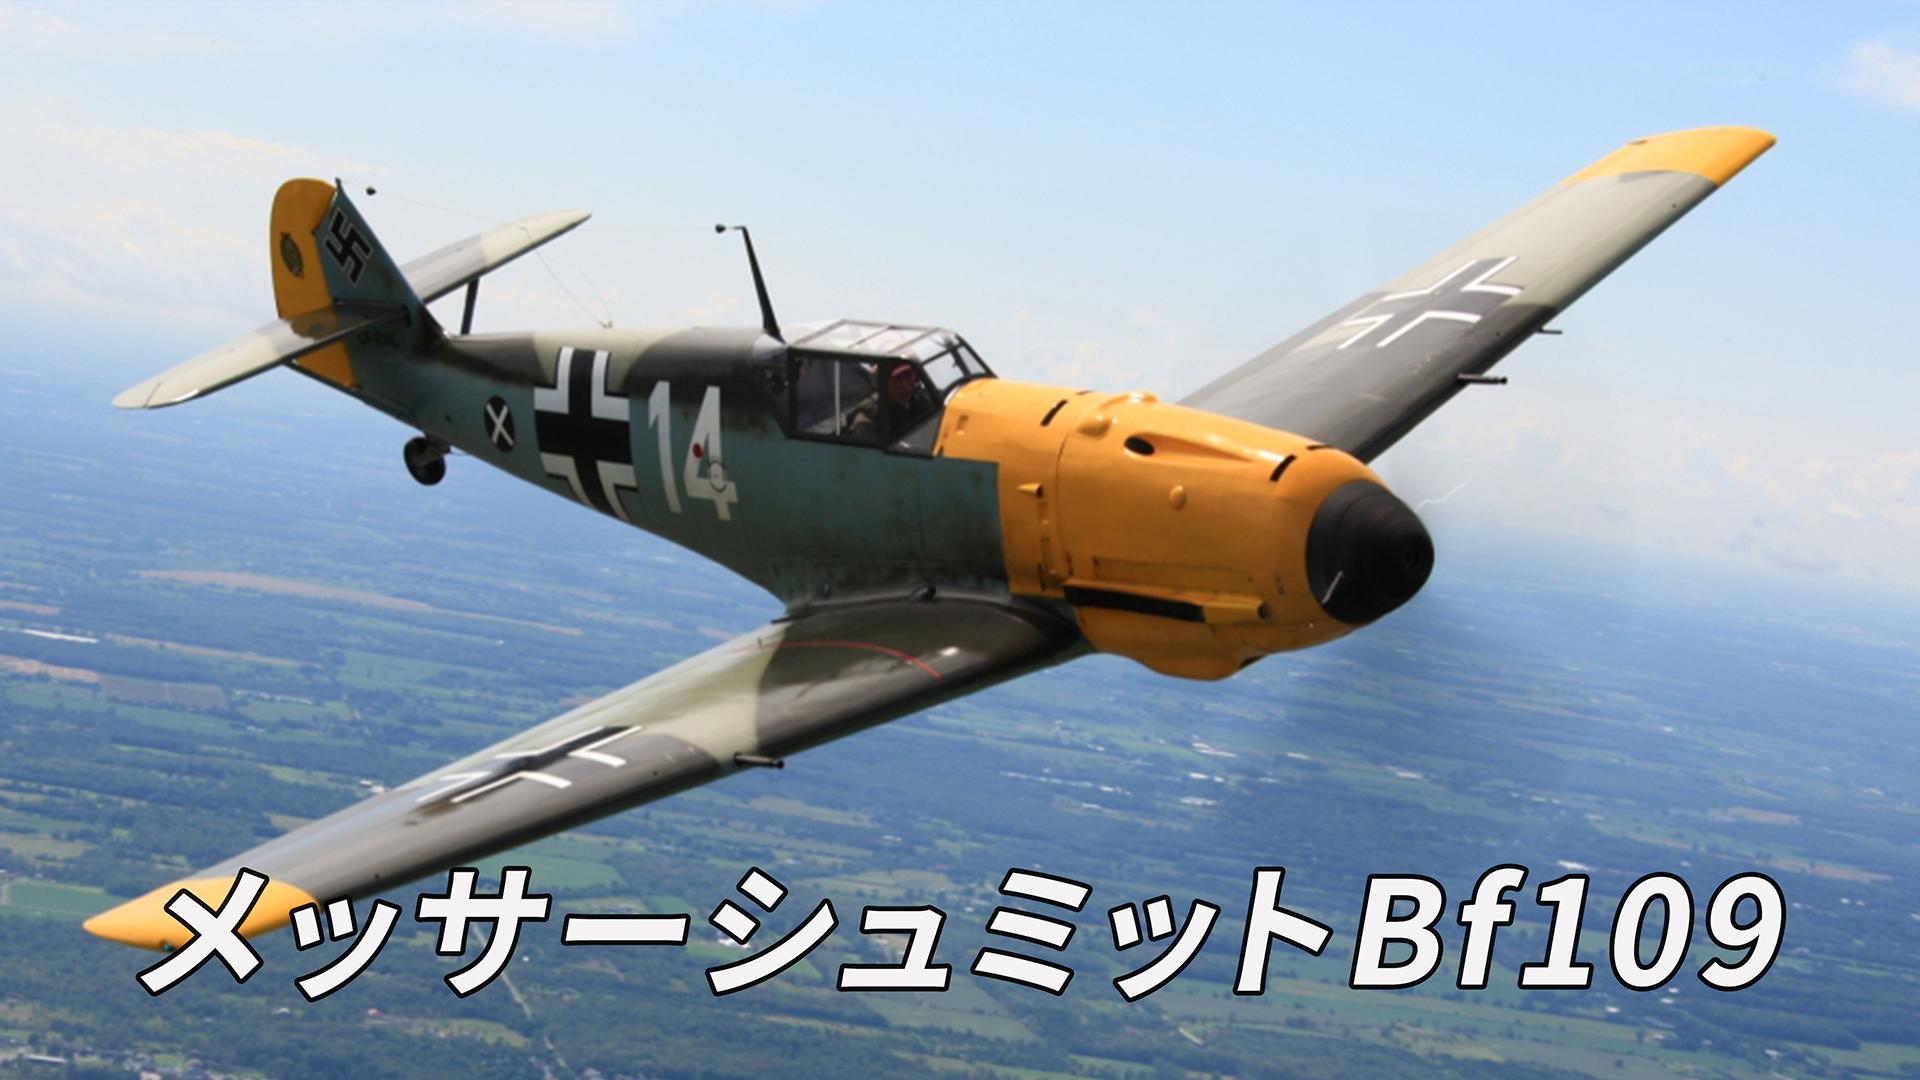 メッサーシュミットBf109の動画 - P-51 マスタング